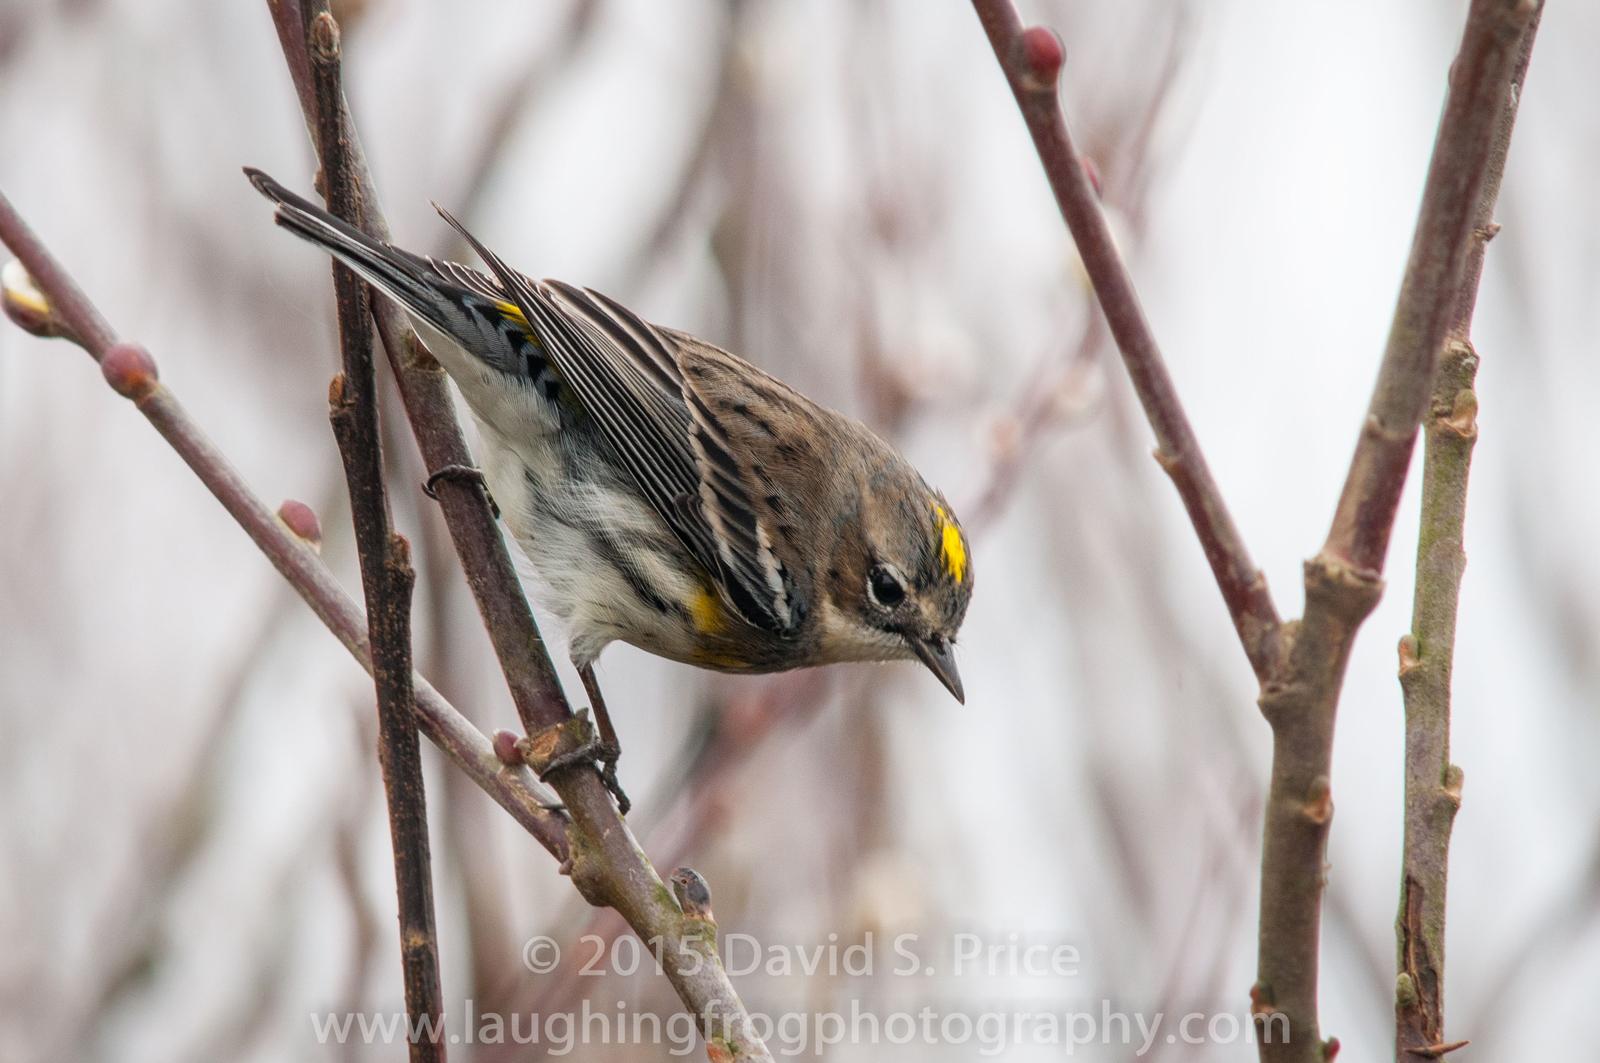 Myrtle Warbler, Humboldt, 2014 February